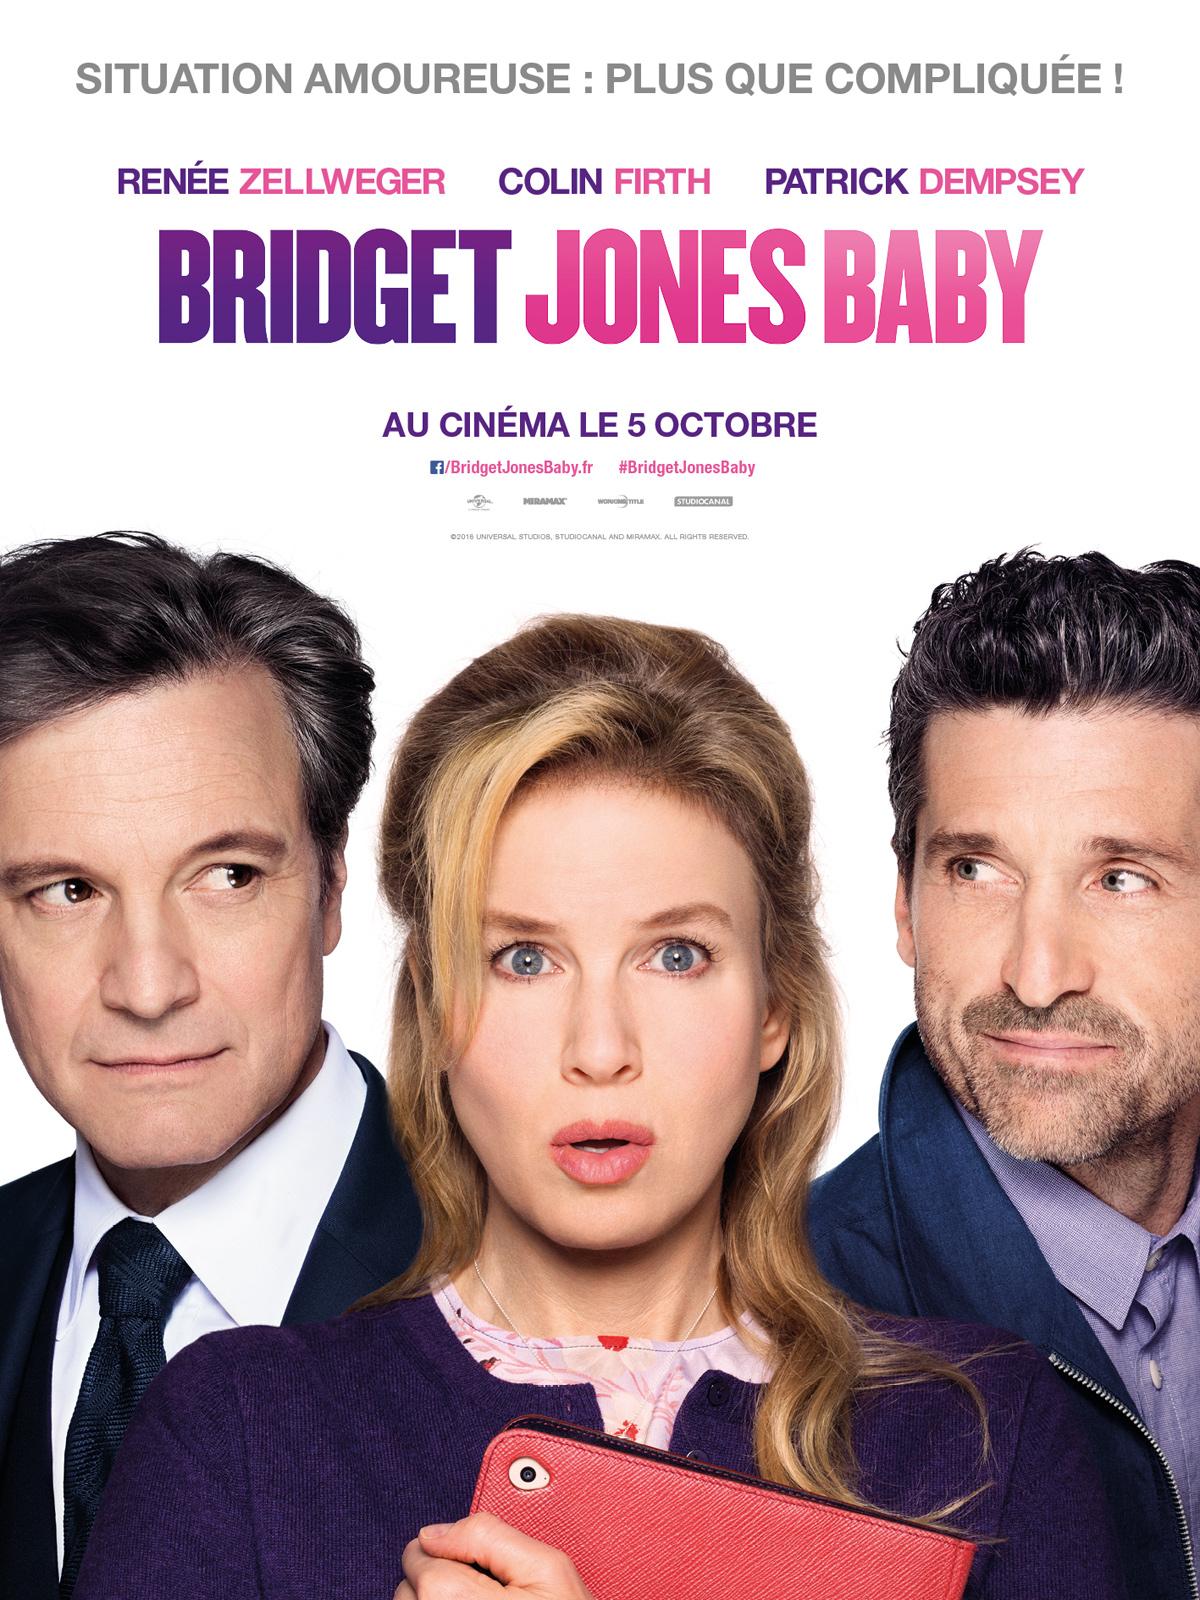 Bridget Jones 3 Sortie France : bridget, jones, sortie, france, Bridget, Jones, DvdToile